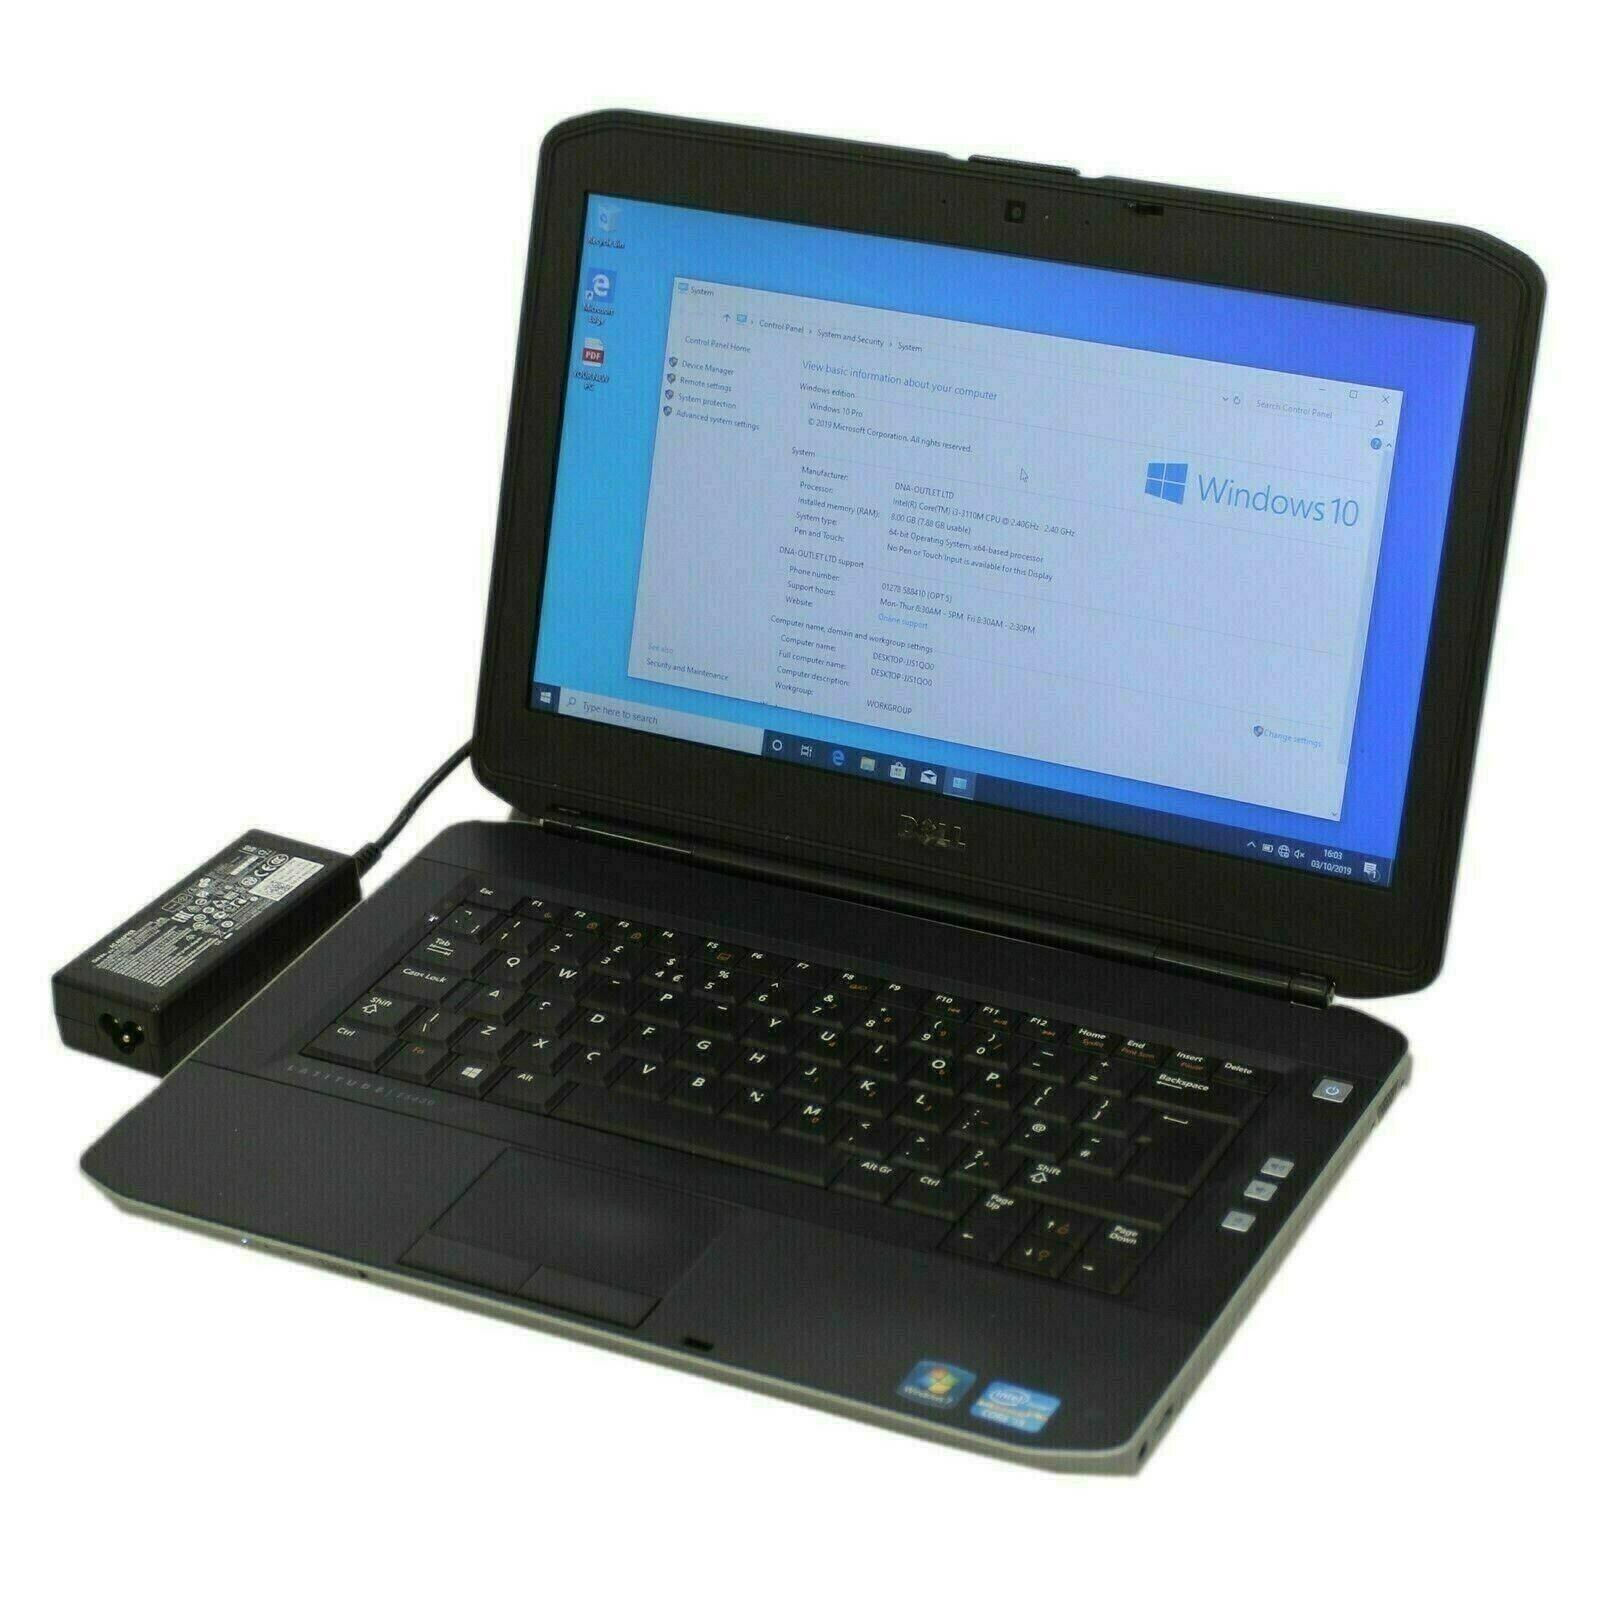 Laptop Windows - Dell Latitude E5420 Intel Core i3 2.2GHz/4GB/320GB/Windows 10 Home -